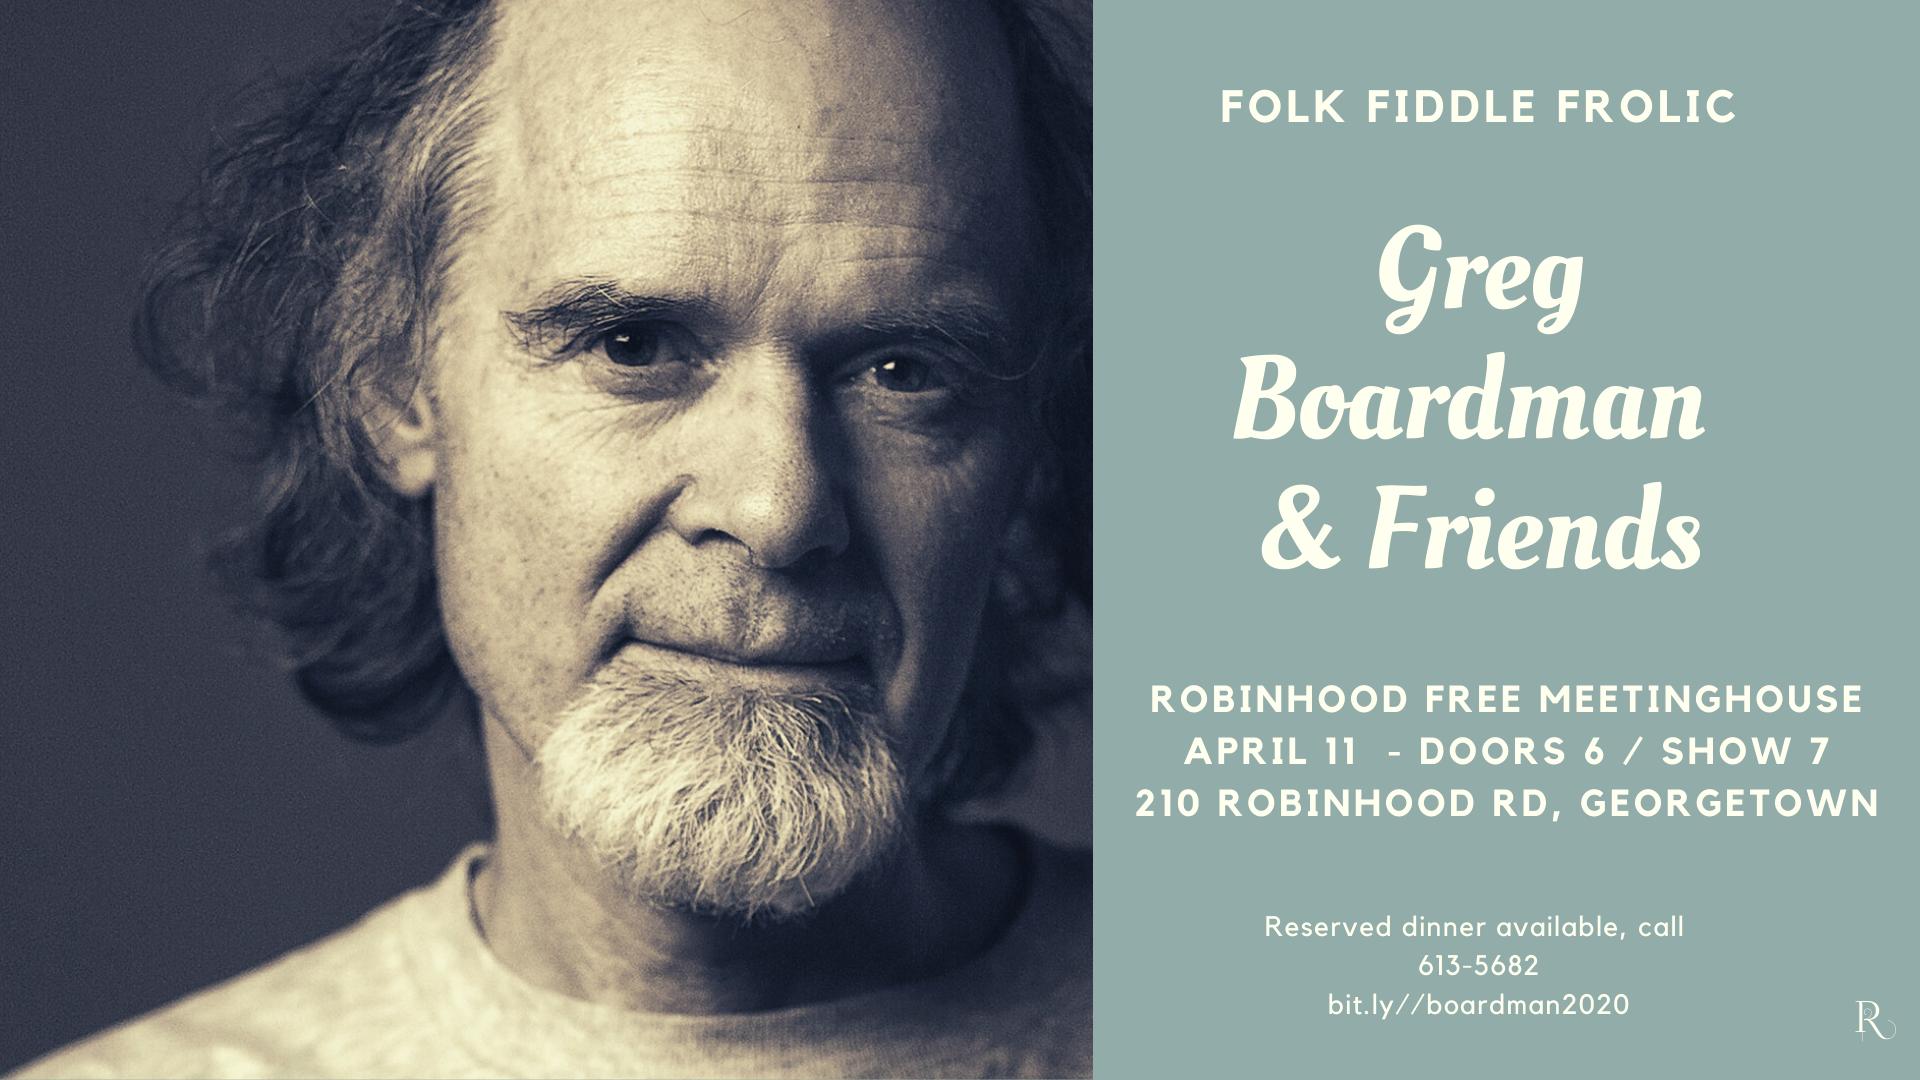 Greg Boardman and Friends Promo